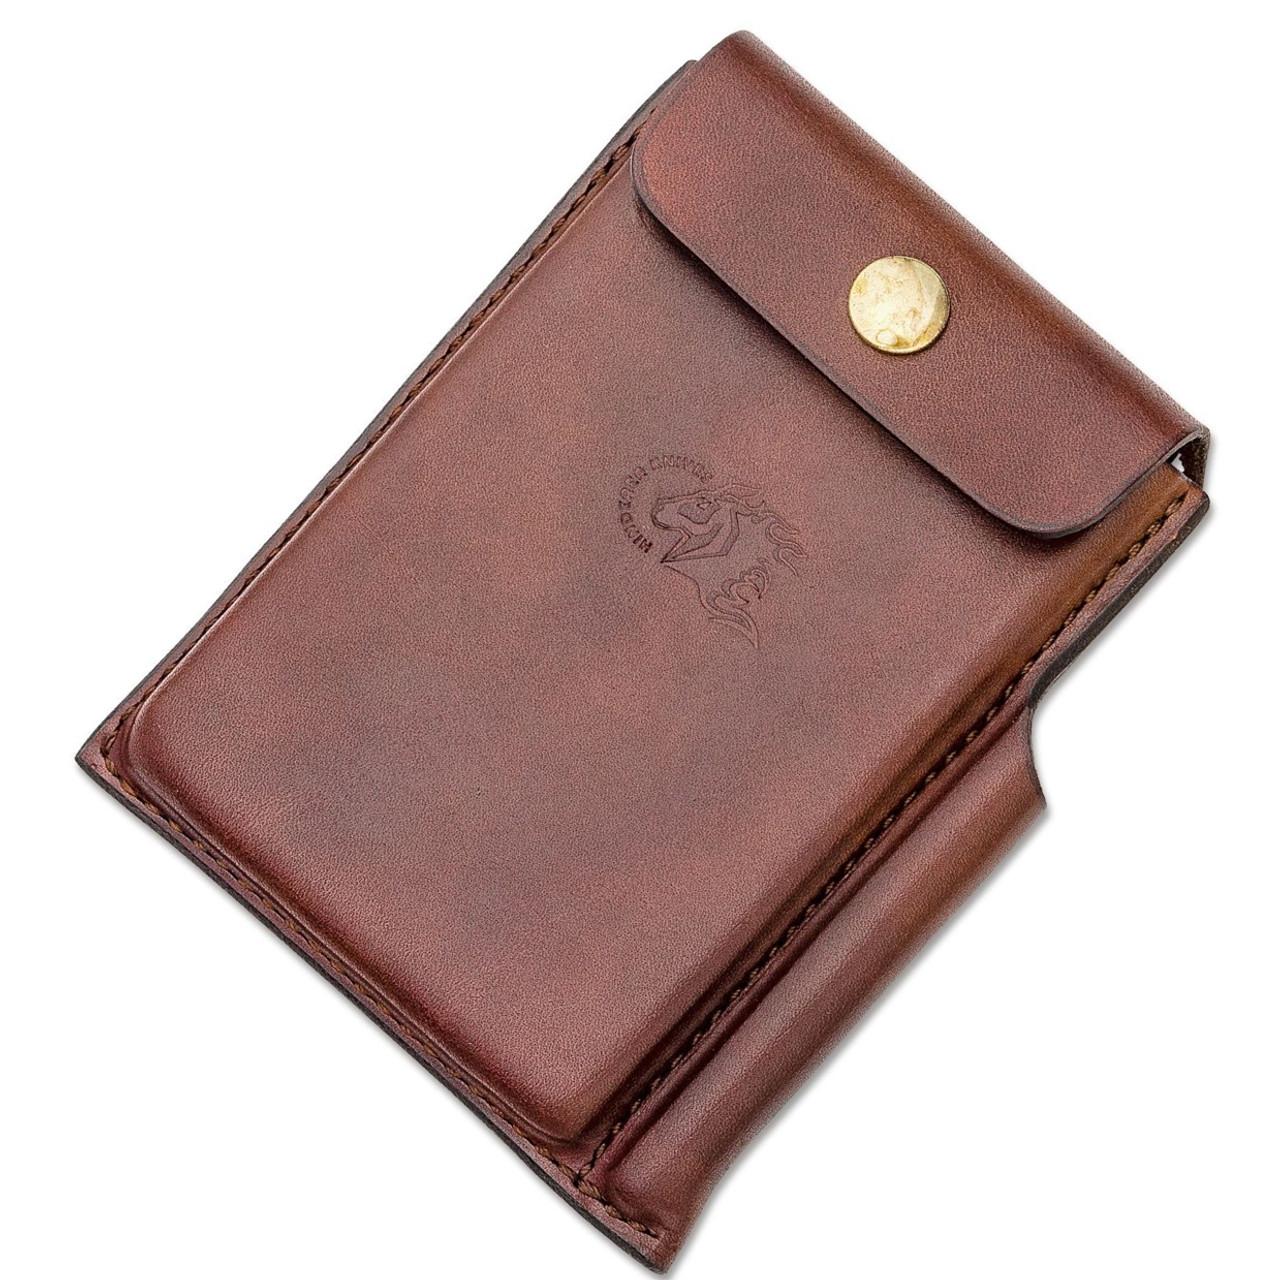 Hinderer Notebook Case, Light Brown Leather